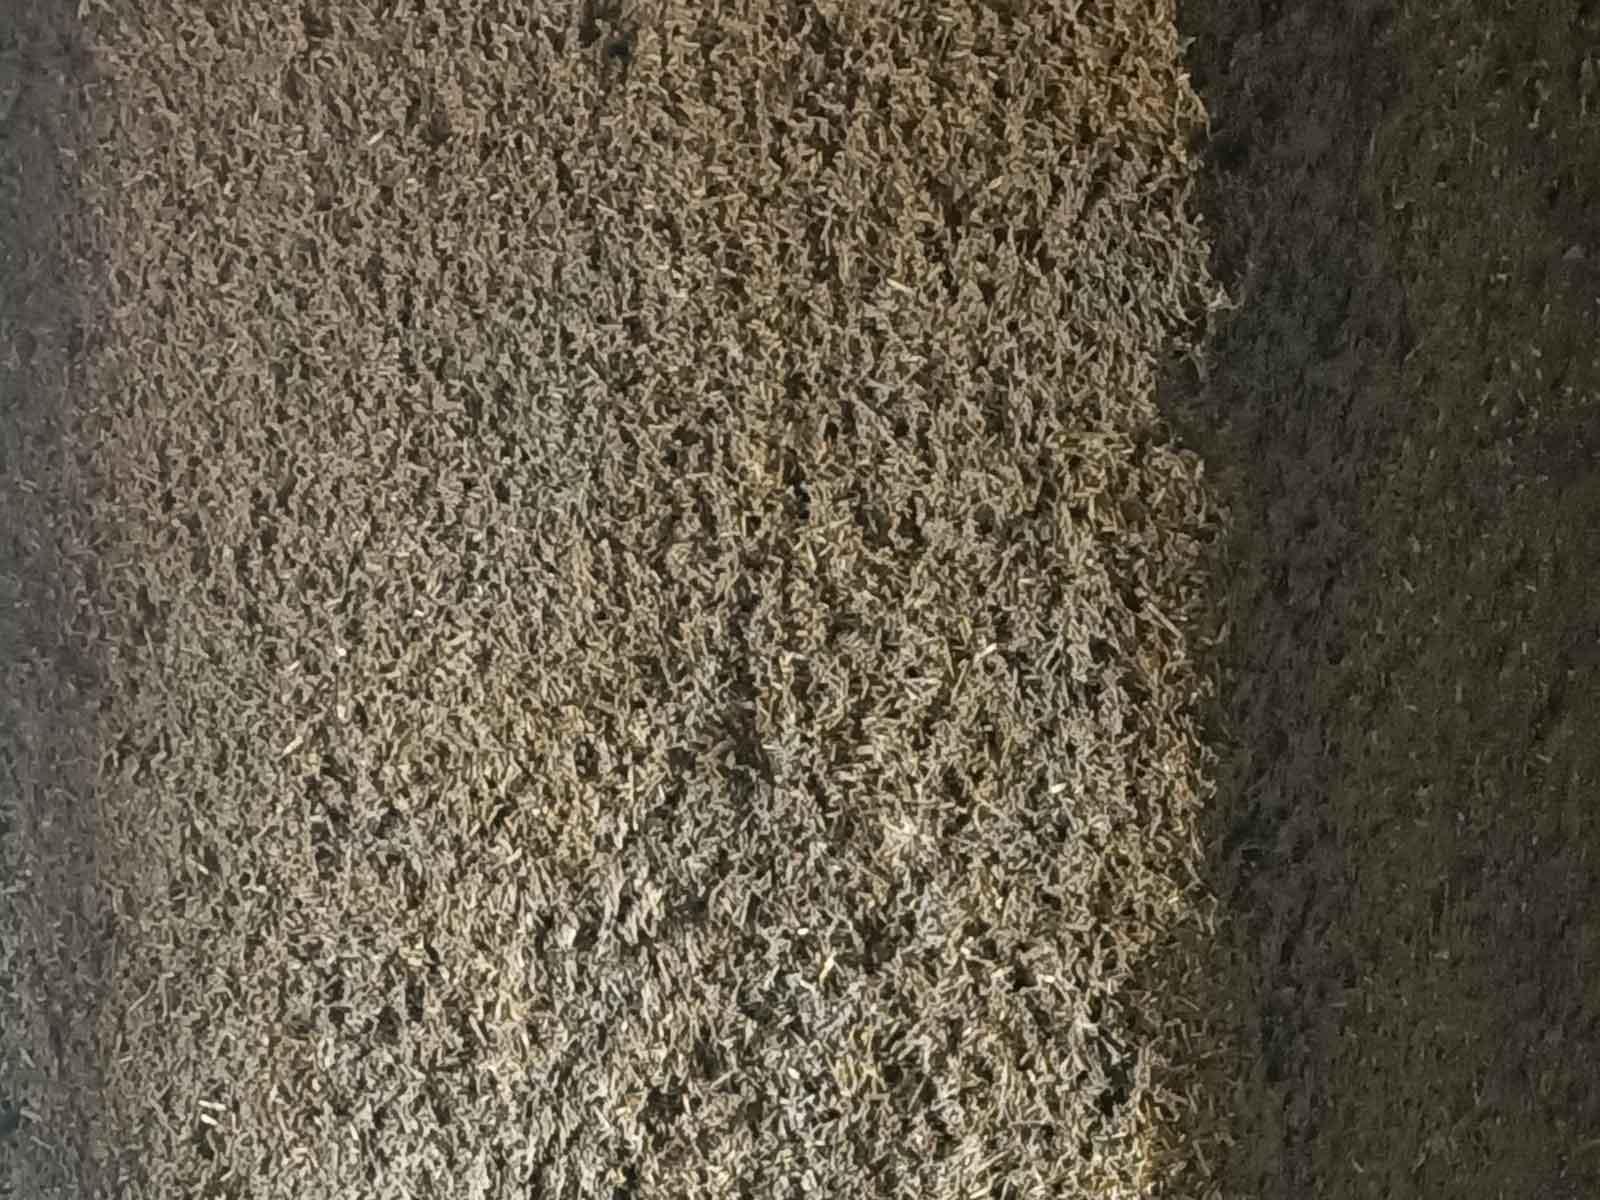 aspect-béton-chanvre-après-projection-murs-bâti-ancien